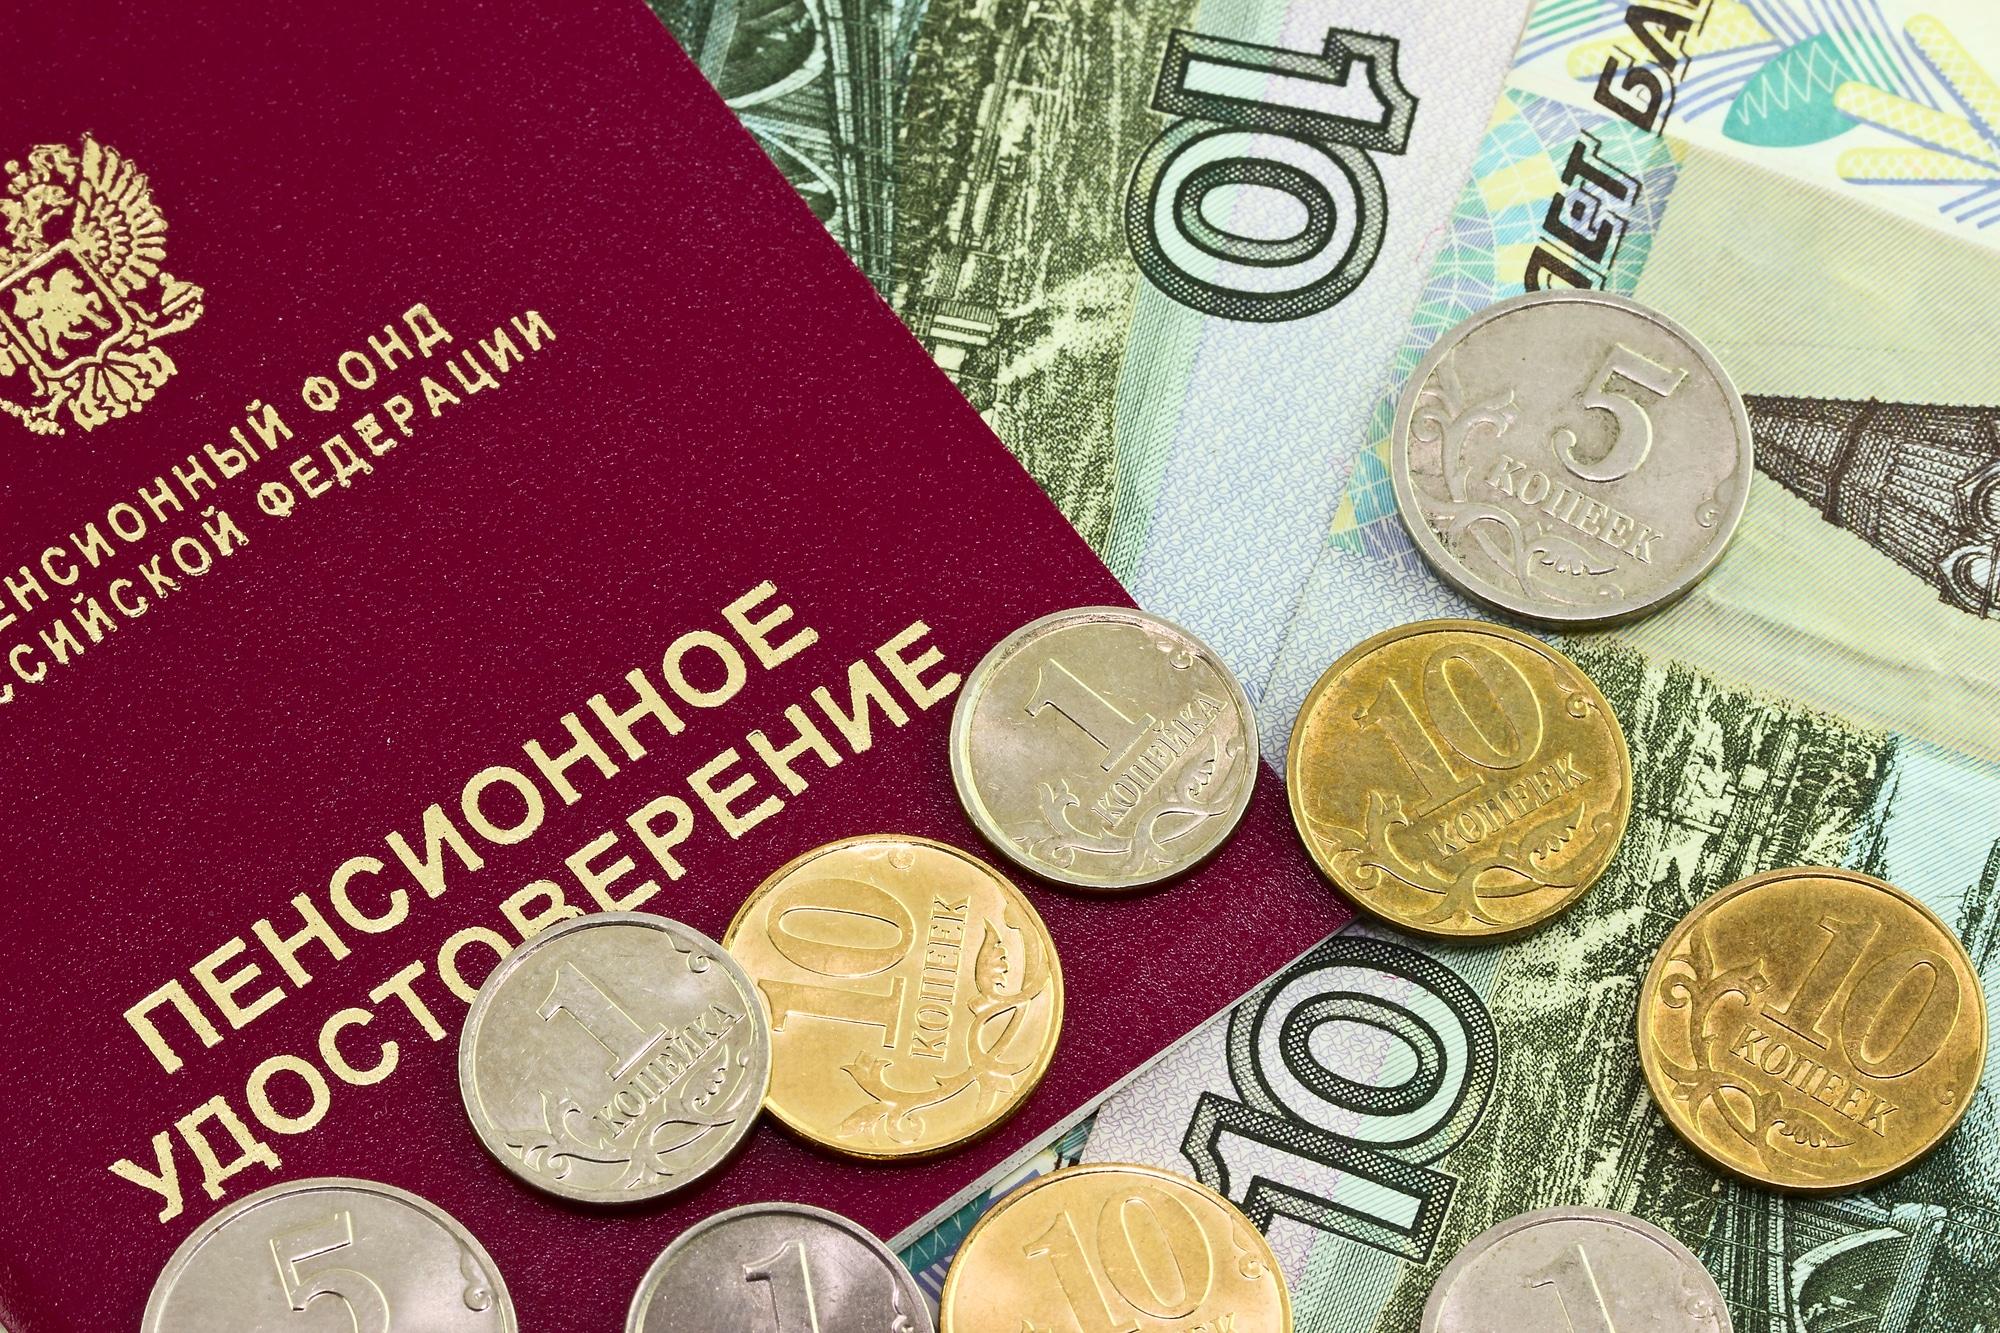 К пенсии дали прибавку 1 рубль 10 копеек